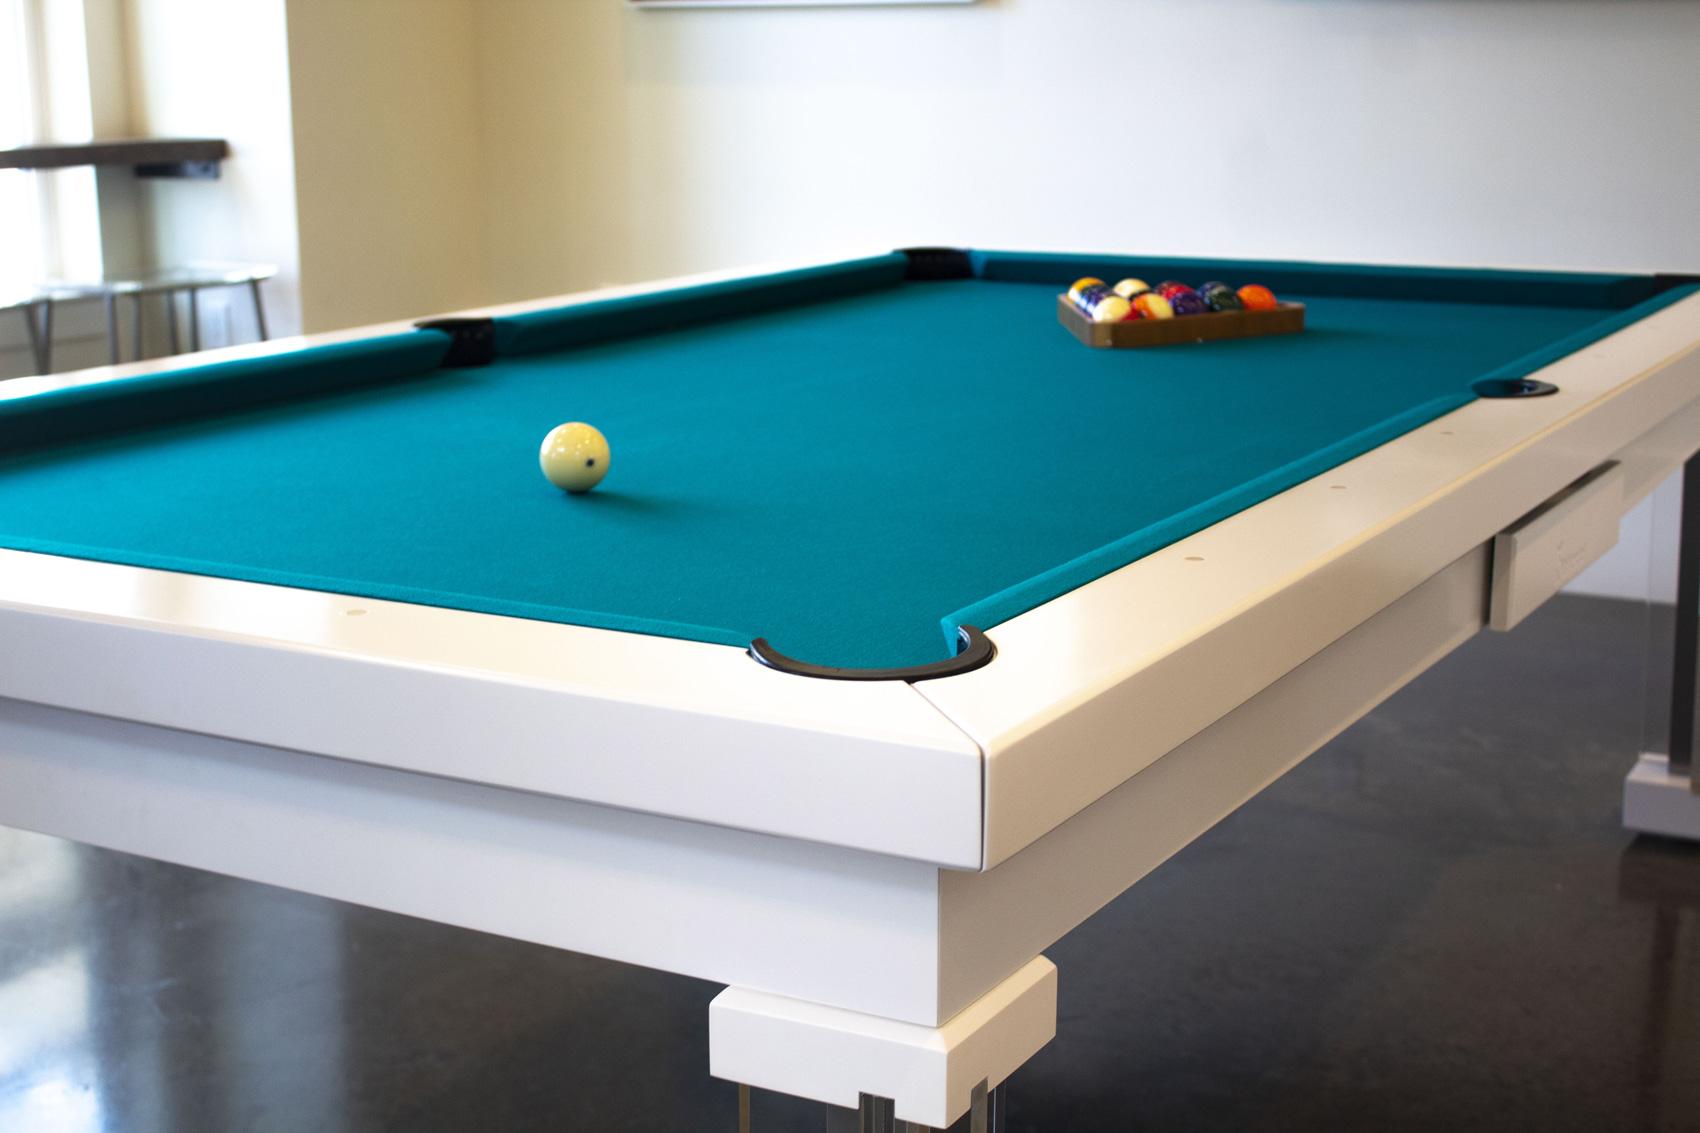 Billiards Table at The Palms at Juban Lakes Apartments in Denham Springs, Louisiana